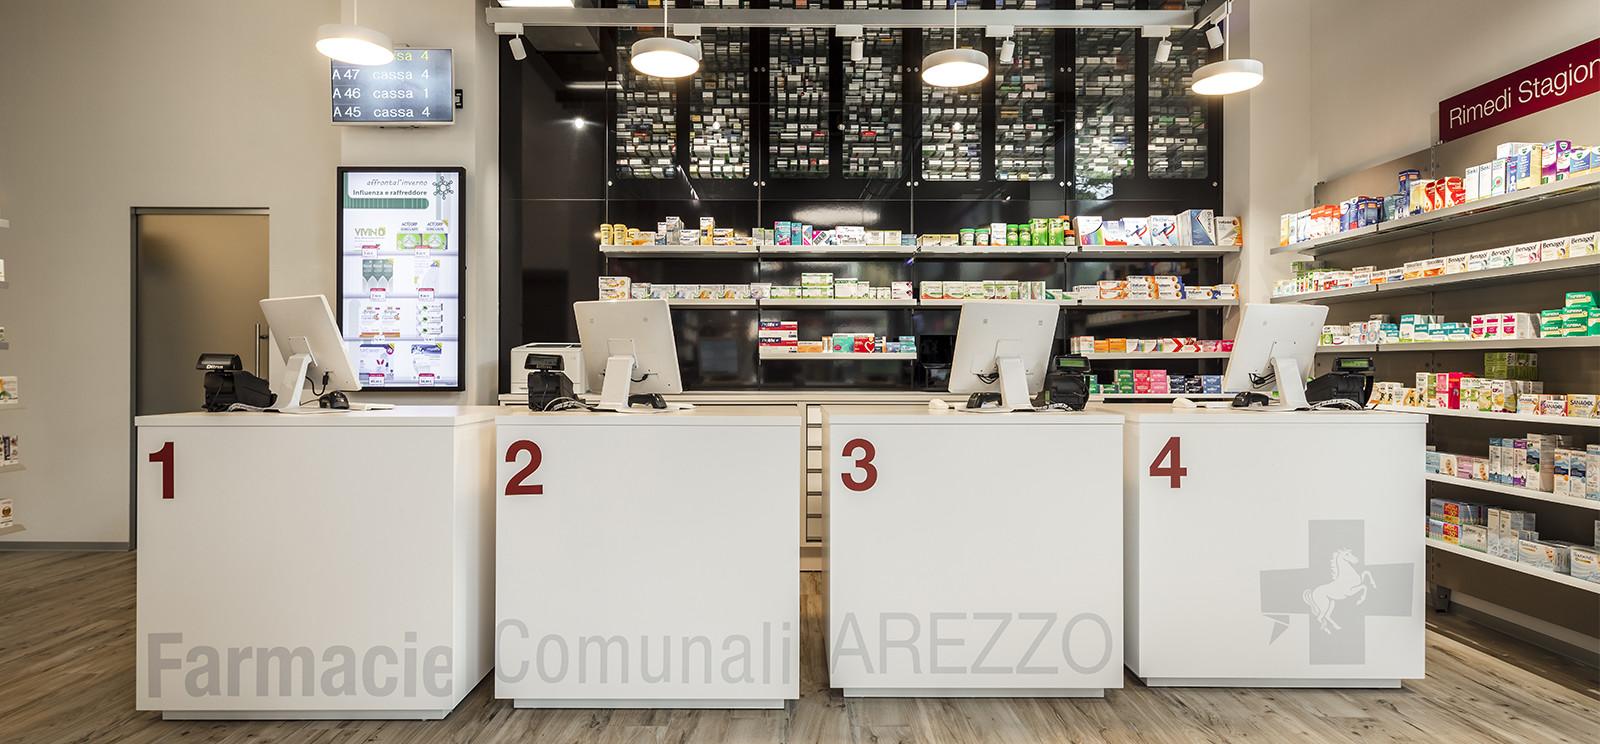 Farmacia Comunale Giotto di Arezzo